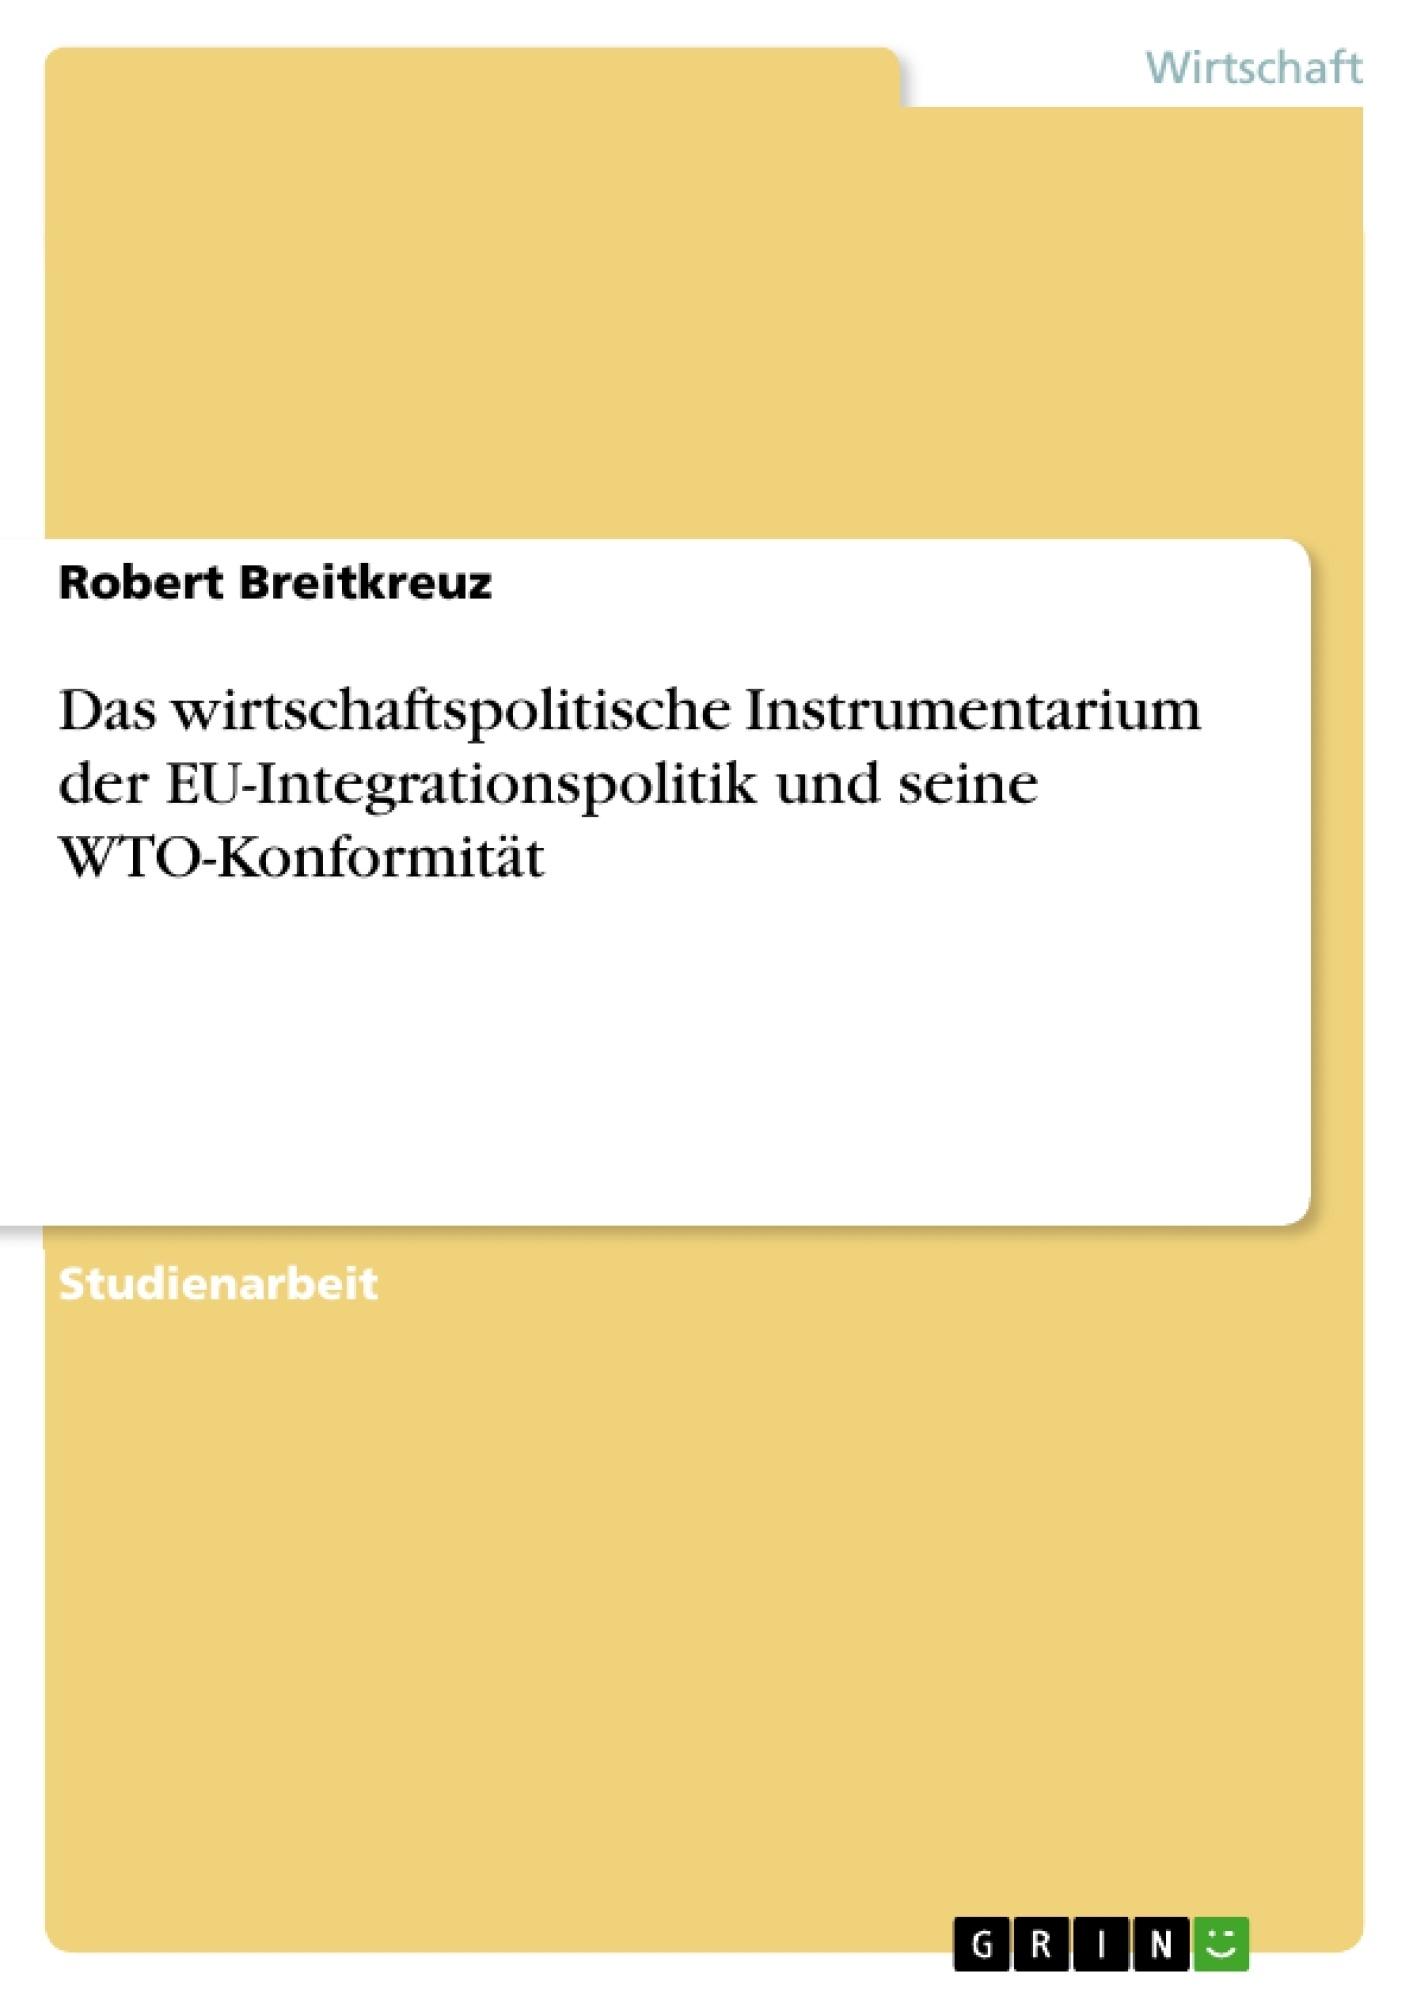 Titel: Das wirtschaftspolitische Instrumentarium der EU-Integrationspolitik und seine WTO-Konformität